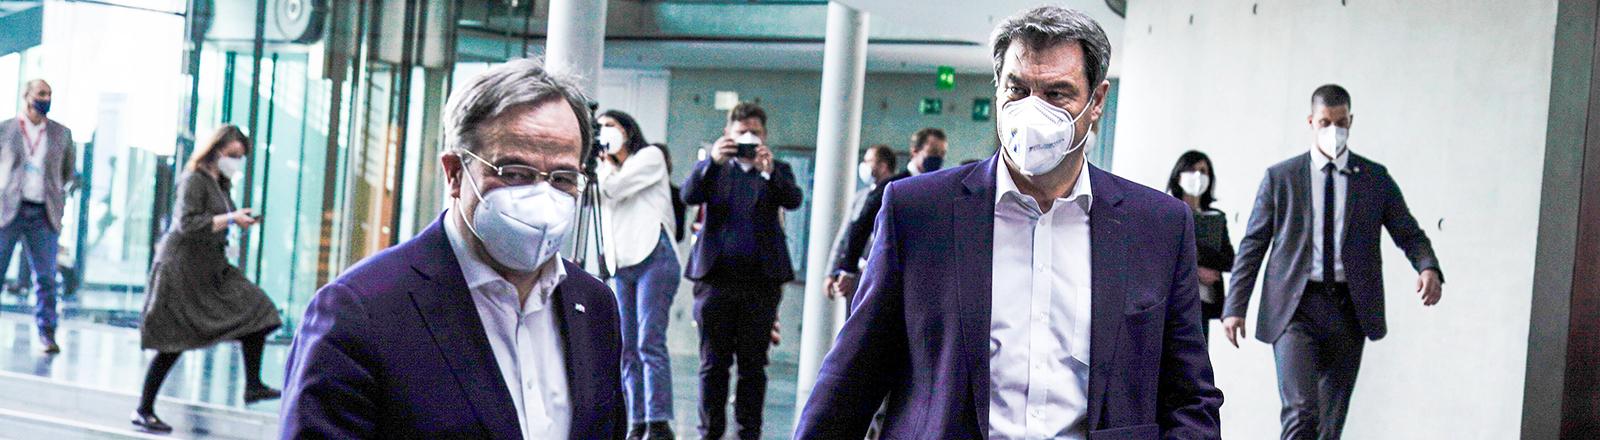 Armin Laschet und Markus Söder laufen gemeinsam zu einer Pressekonferenz im Paul-Loebe-Haus in Berlin (11.04.2021)